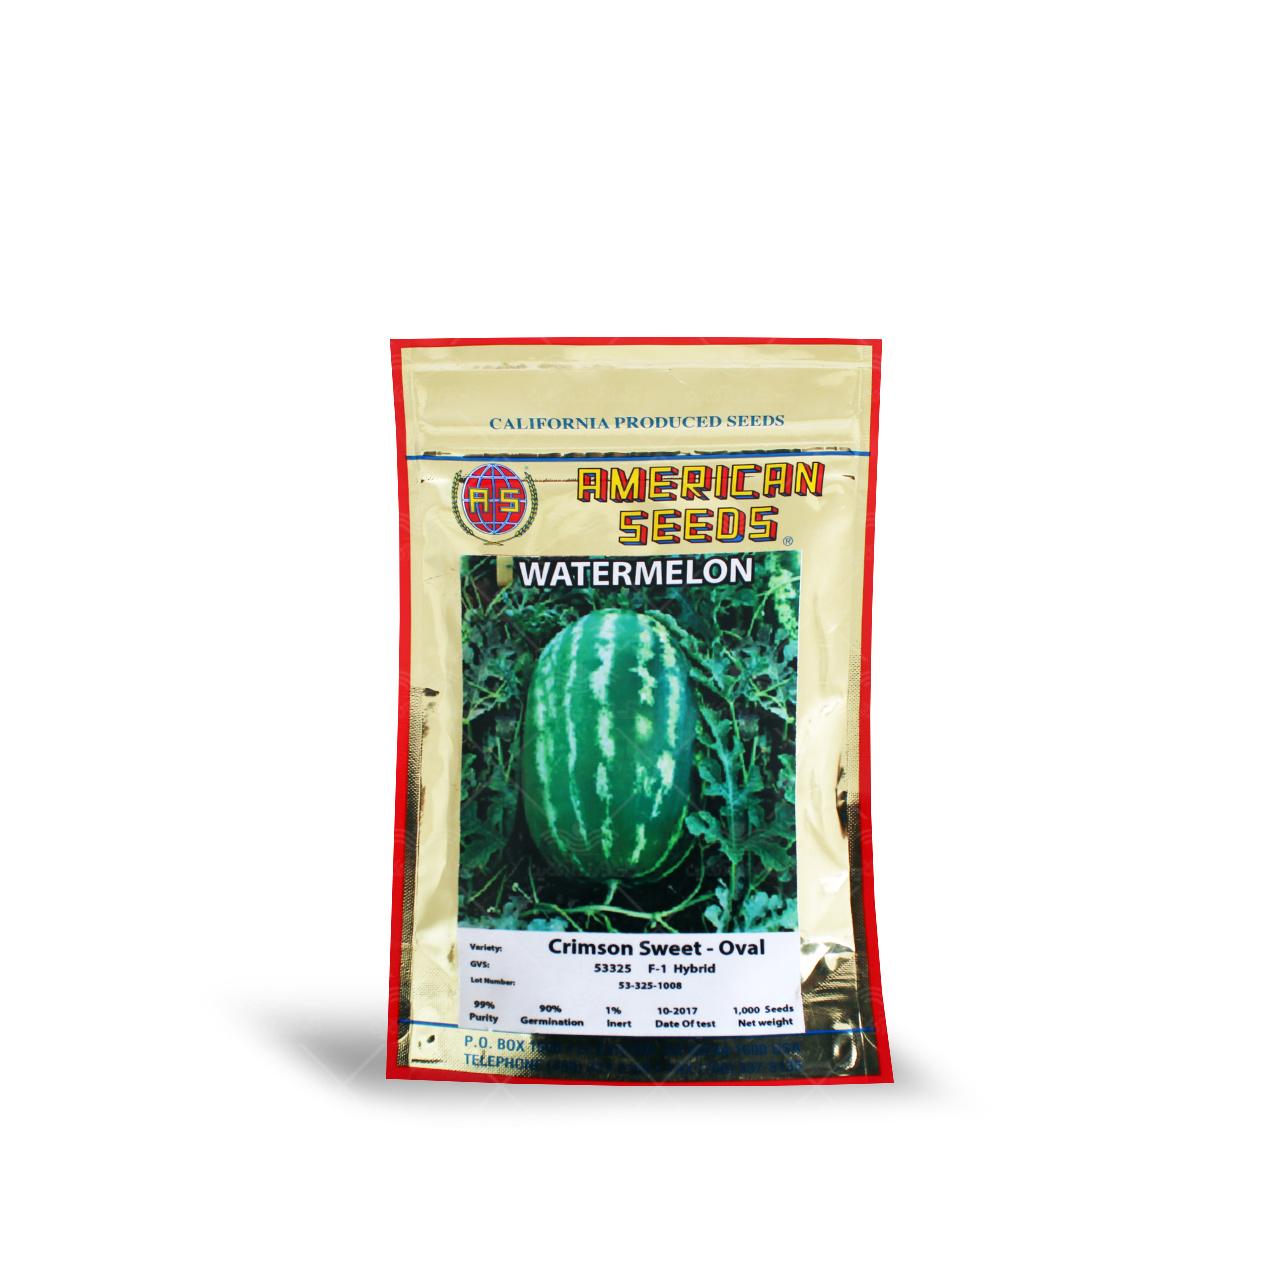 بذر هندوانه هیبرید کریمسون سوییت بیضی